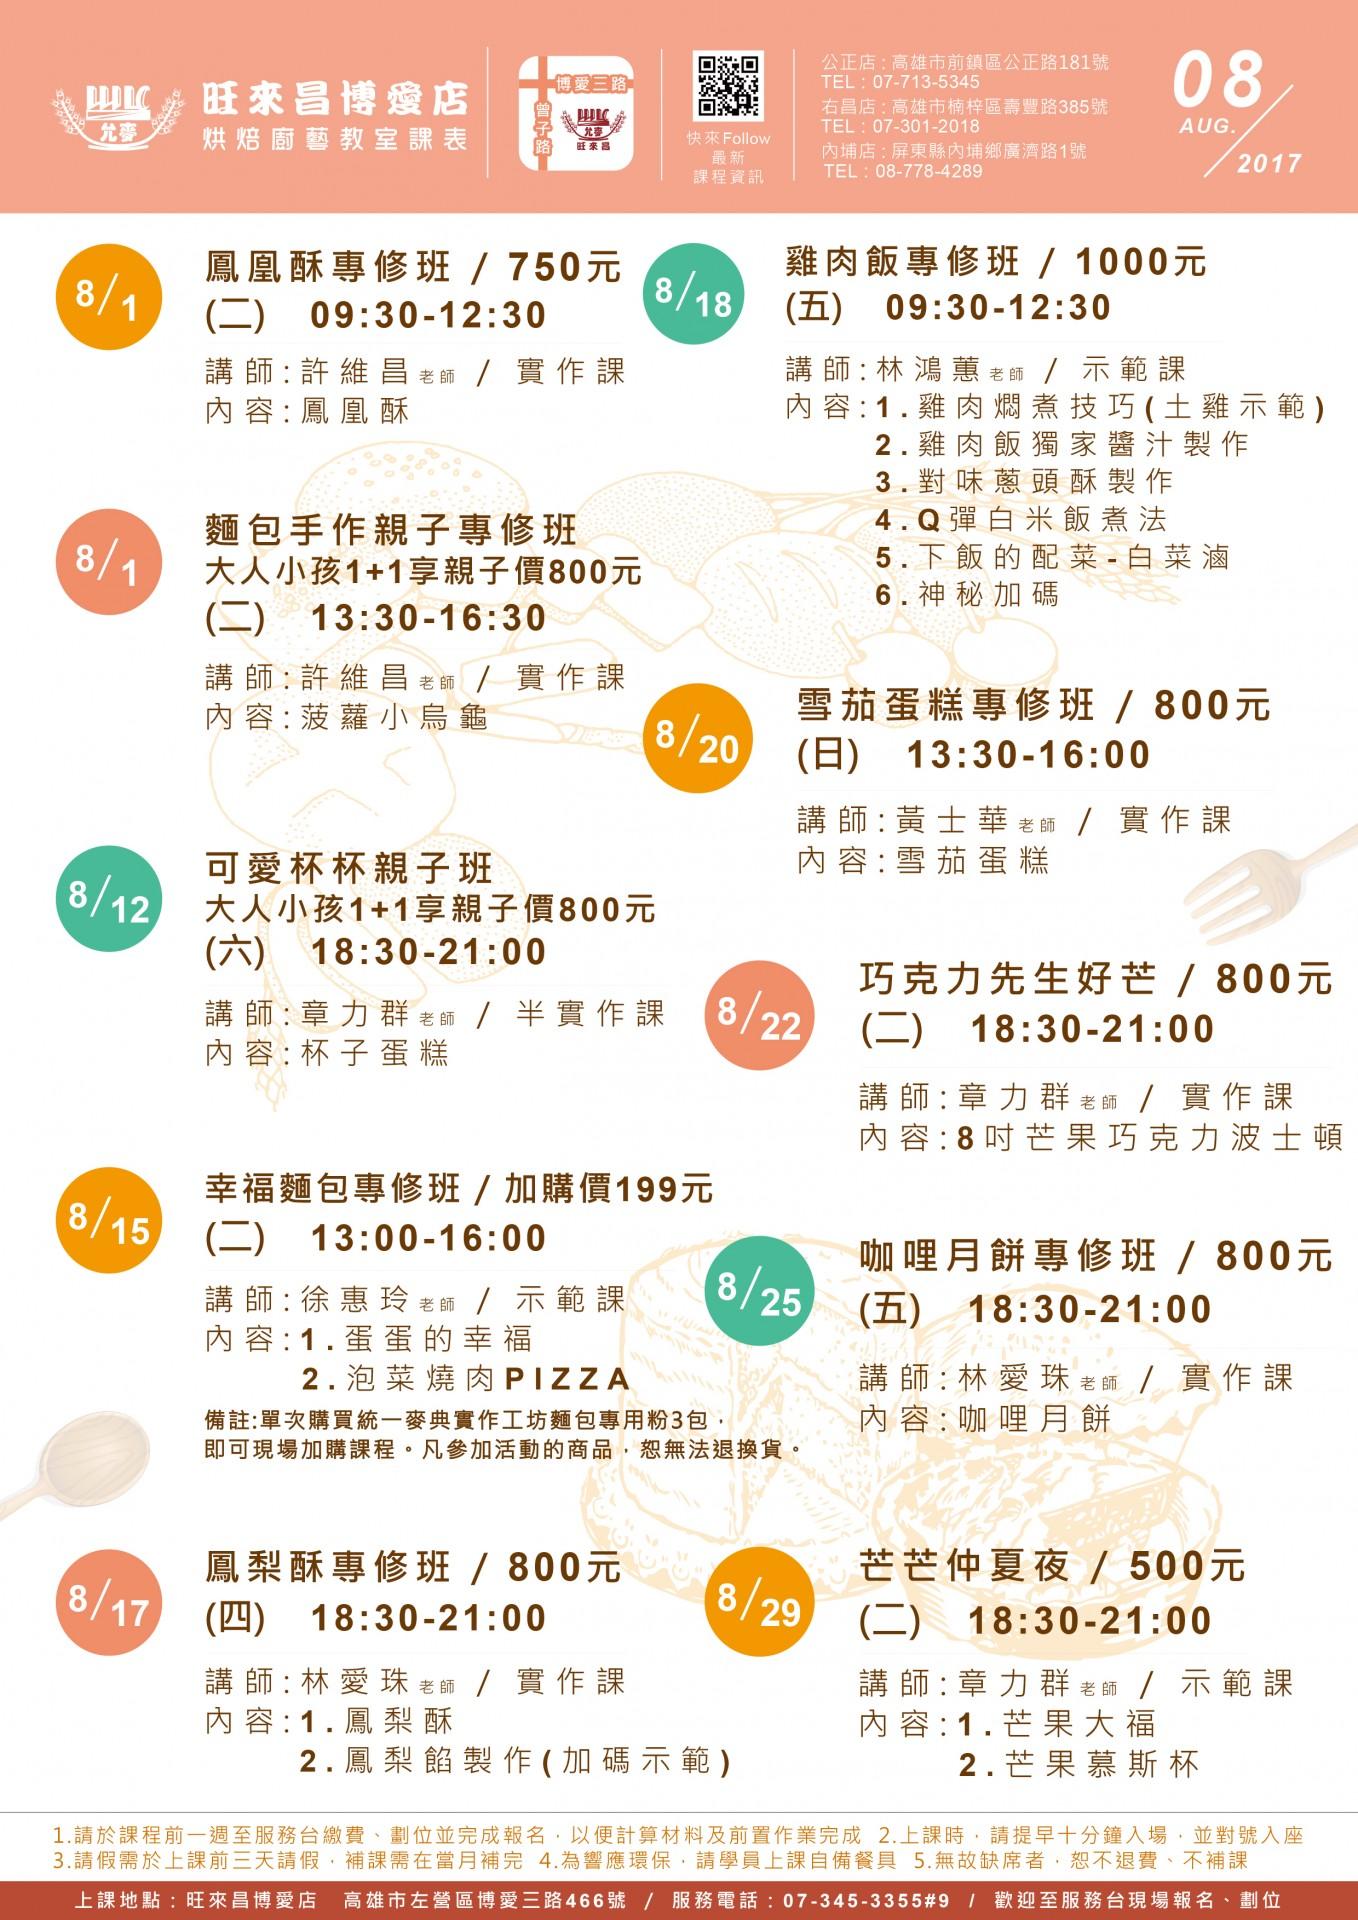 2017年7月博愛店課程表